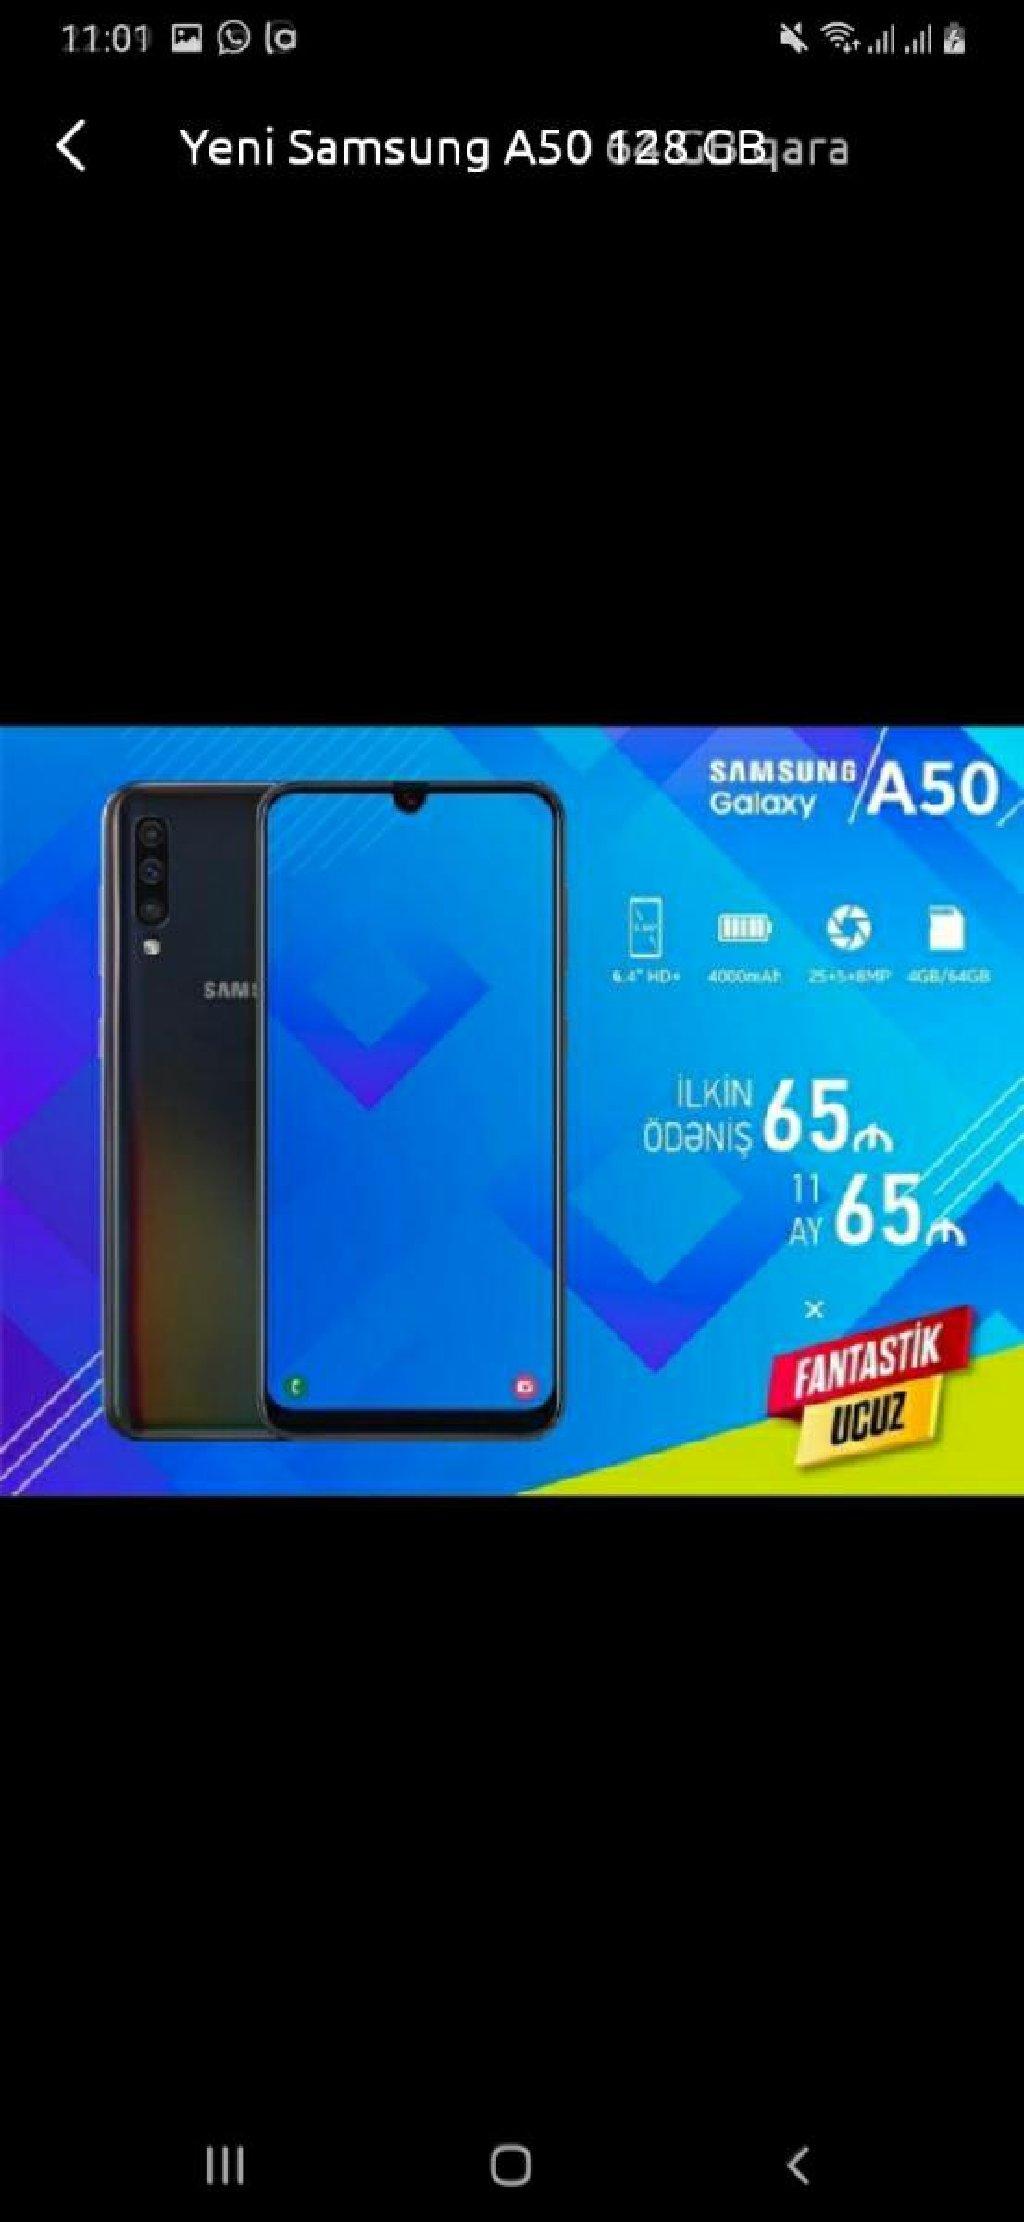 Yeni Samsung A50